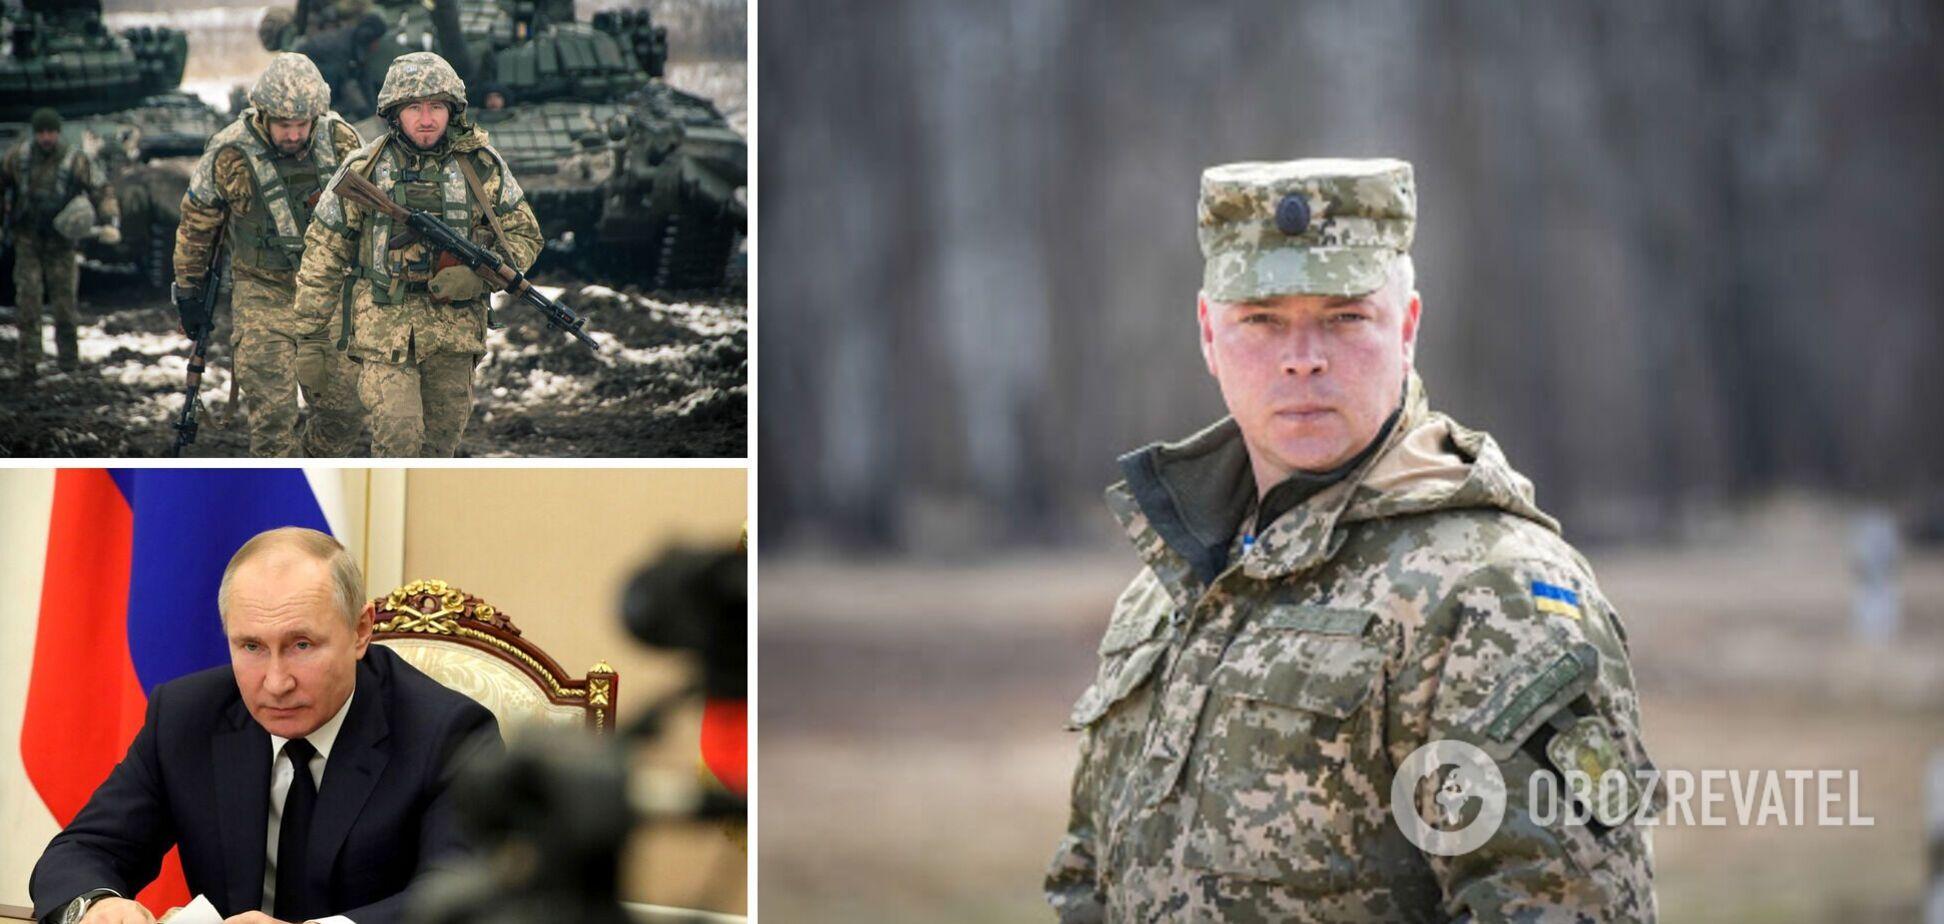 Генерал Забродский полагает, что Кремль никогда не откажется от Украины, поскольку считает ее своей